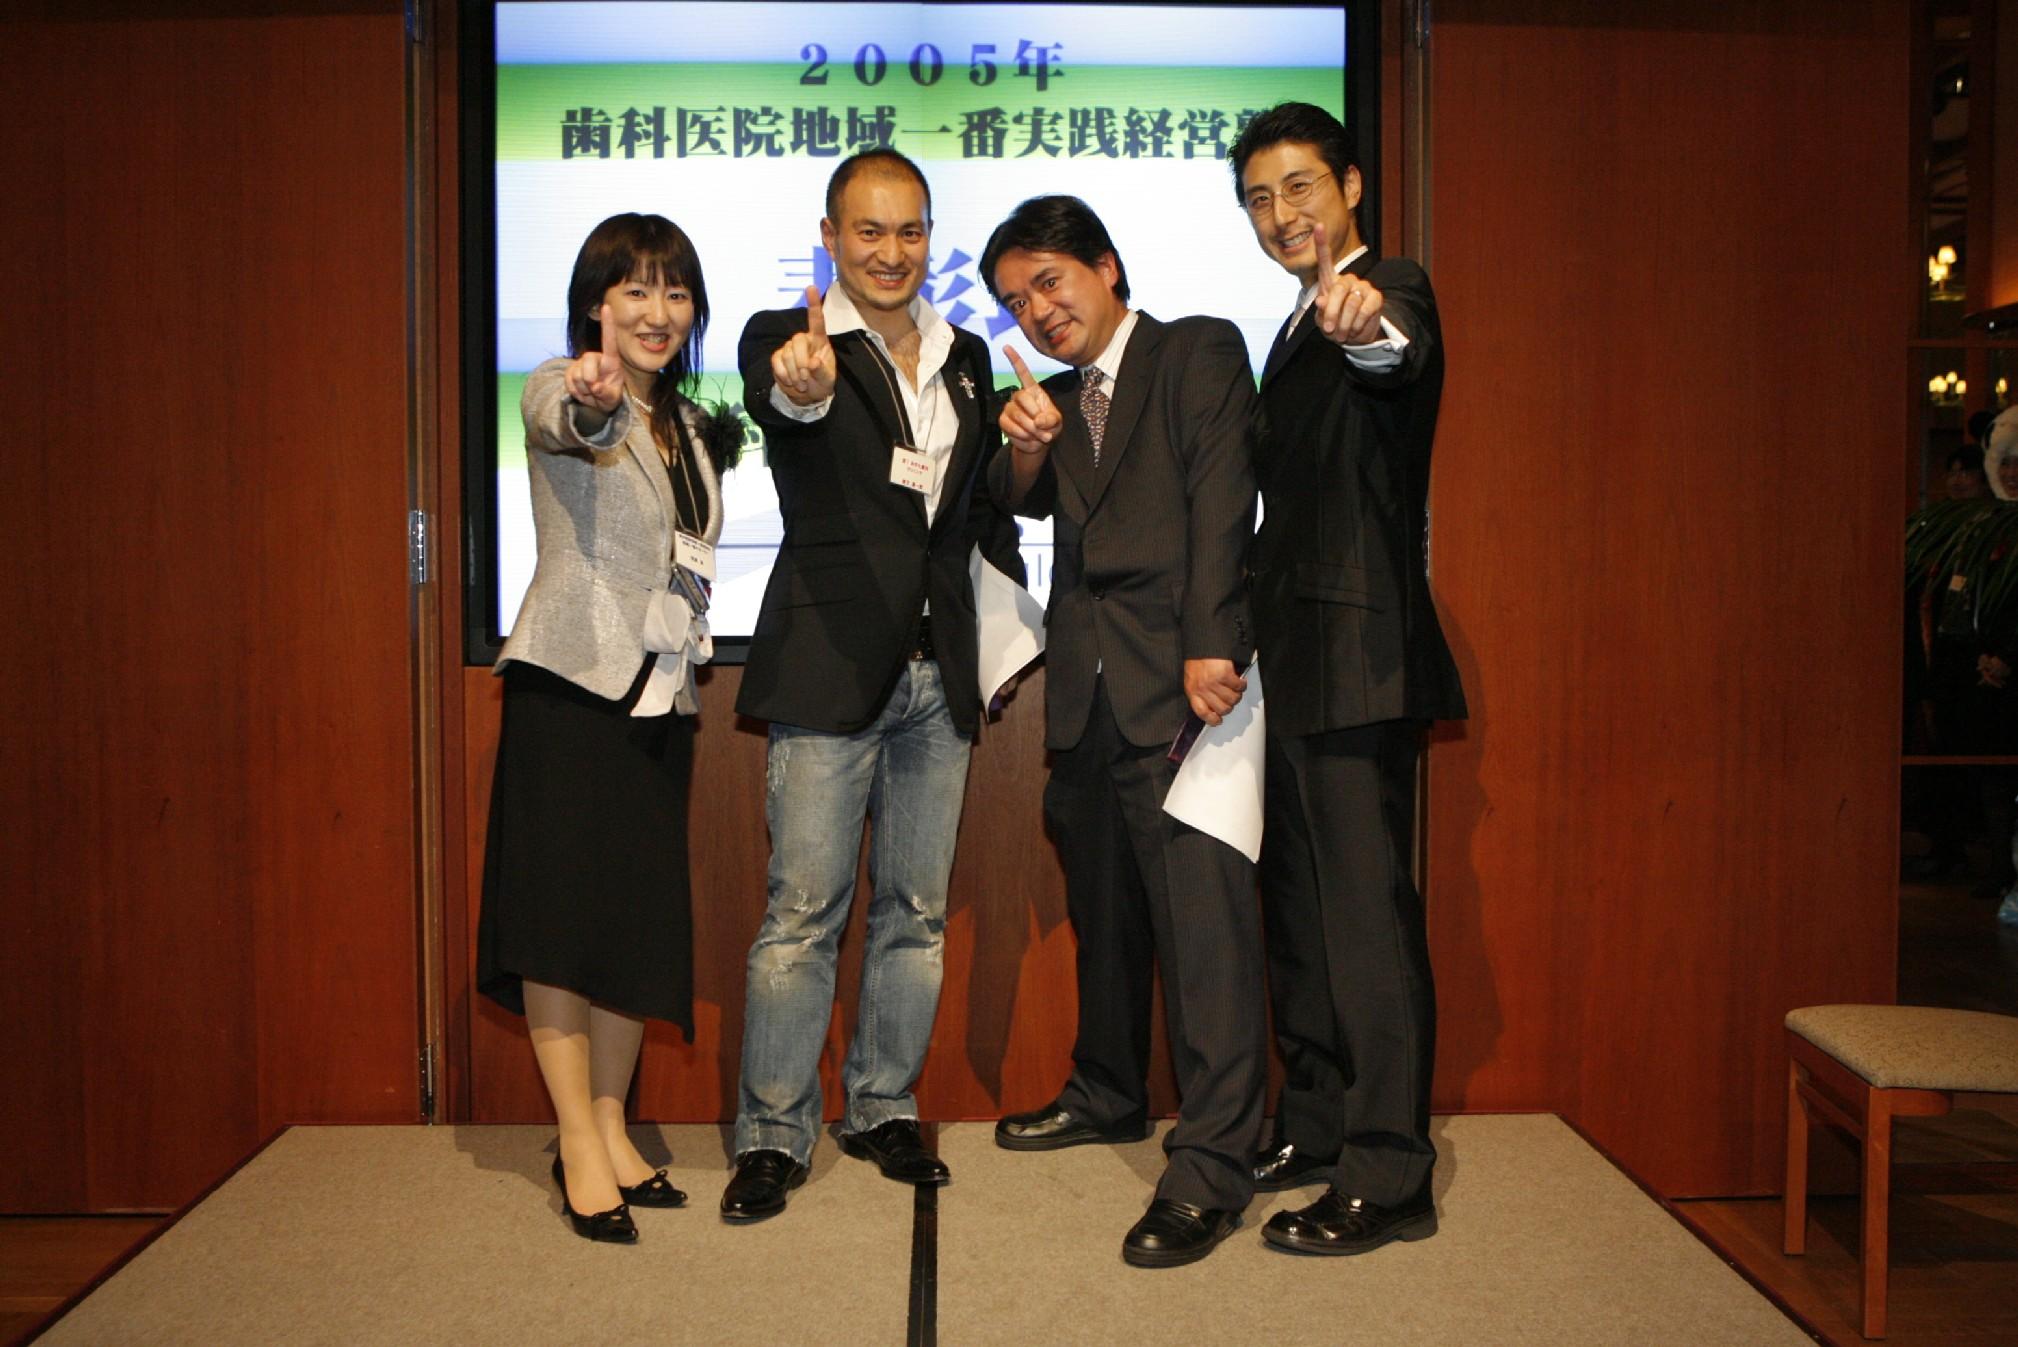 「2005年歯科医院地域一番実践経営塾」表彰式において「優秀賞」を受賞されました。右から岩渕、斎藤先生、緒方先生、岩渕泉。